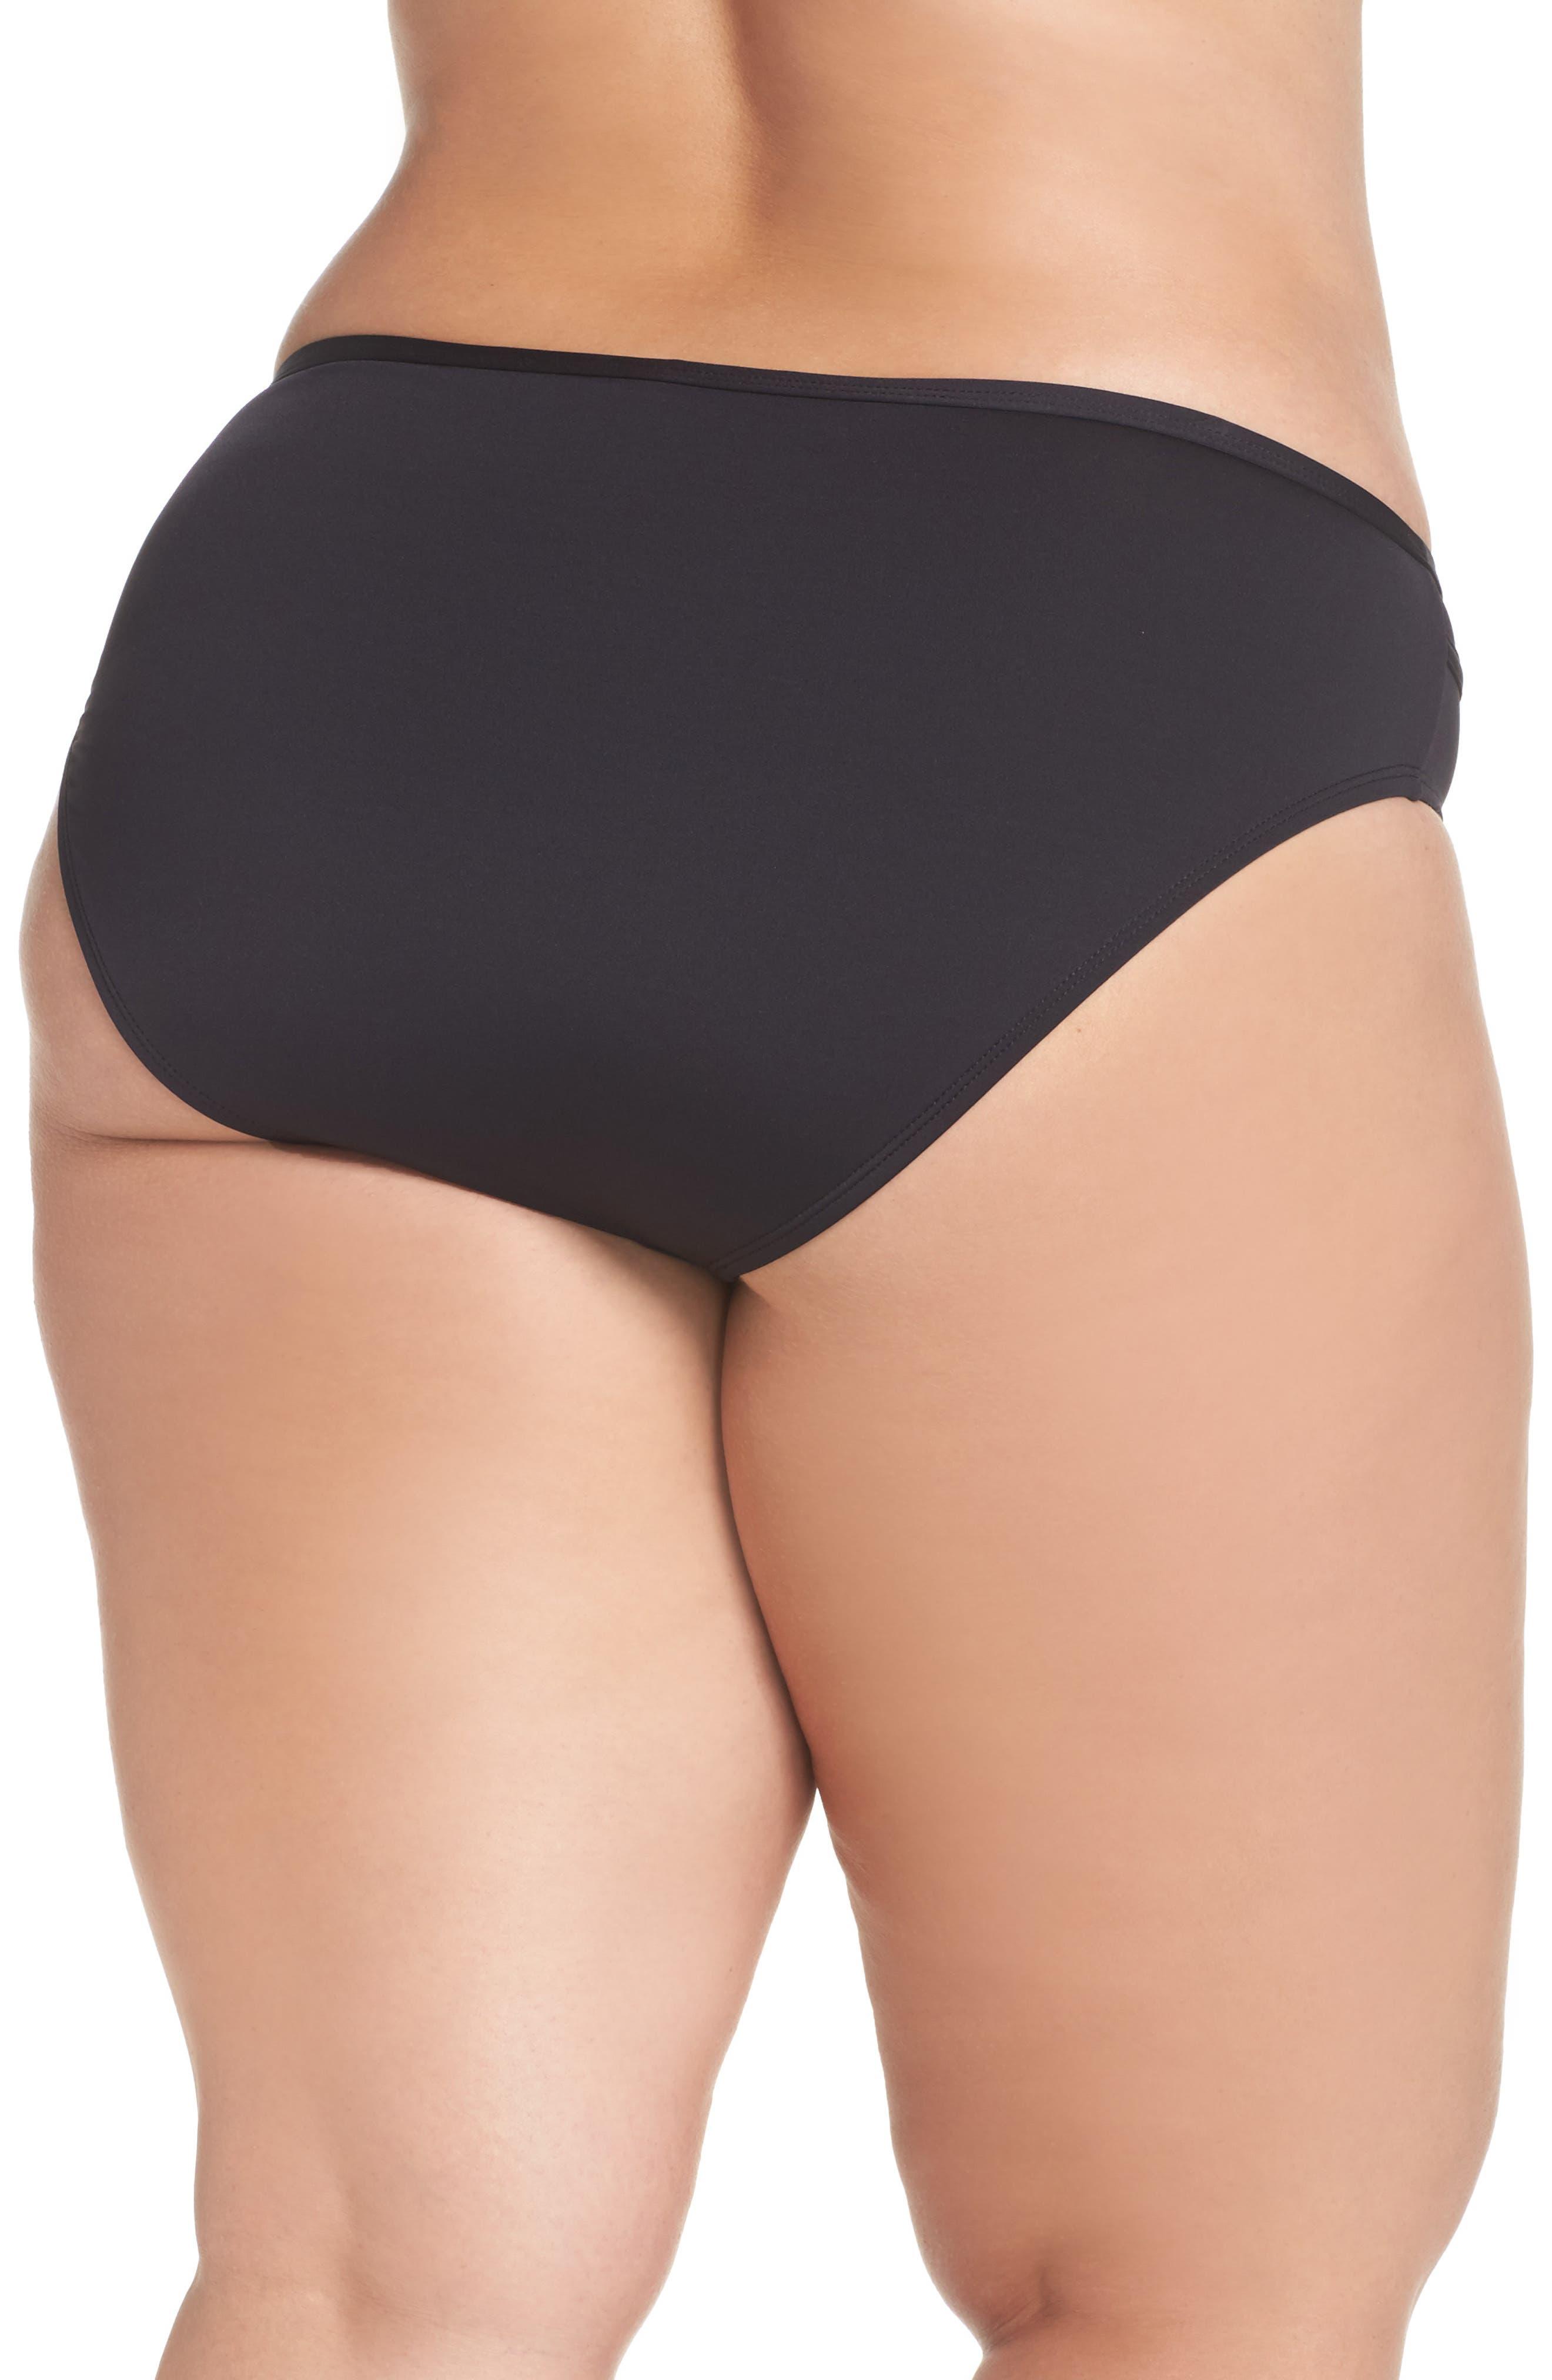 TOMMY BAHAMA, Mesh Bikini Bottoms, Alternate thumbnail 2, color, BLACK